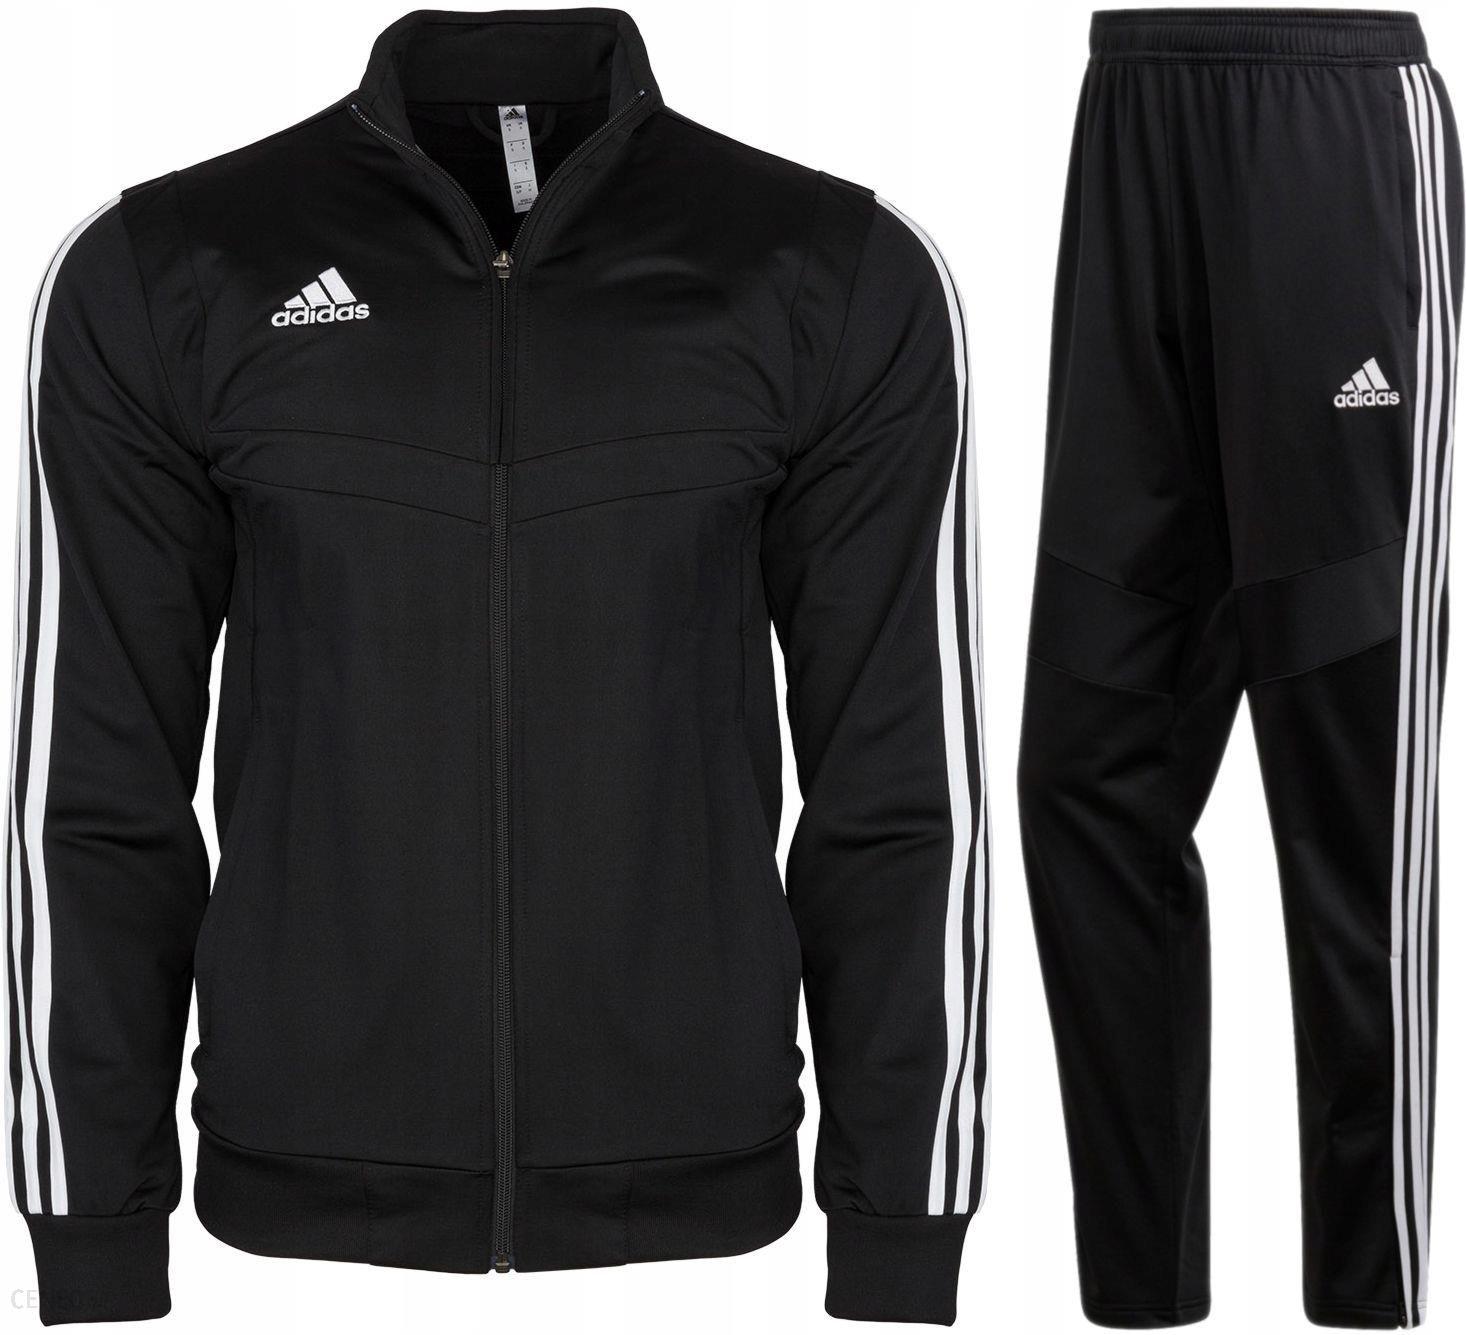 Komplet Dres Adidas Jr Spodnie Bluza Czarny 176 Ceny i opinie Ceneo.pl